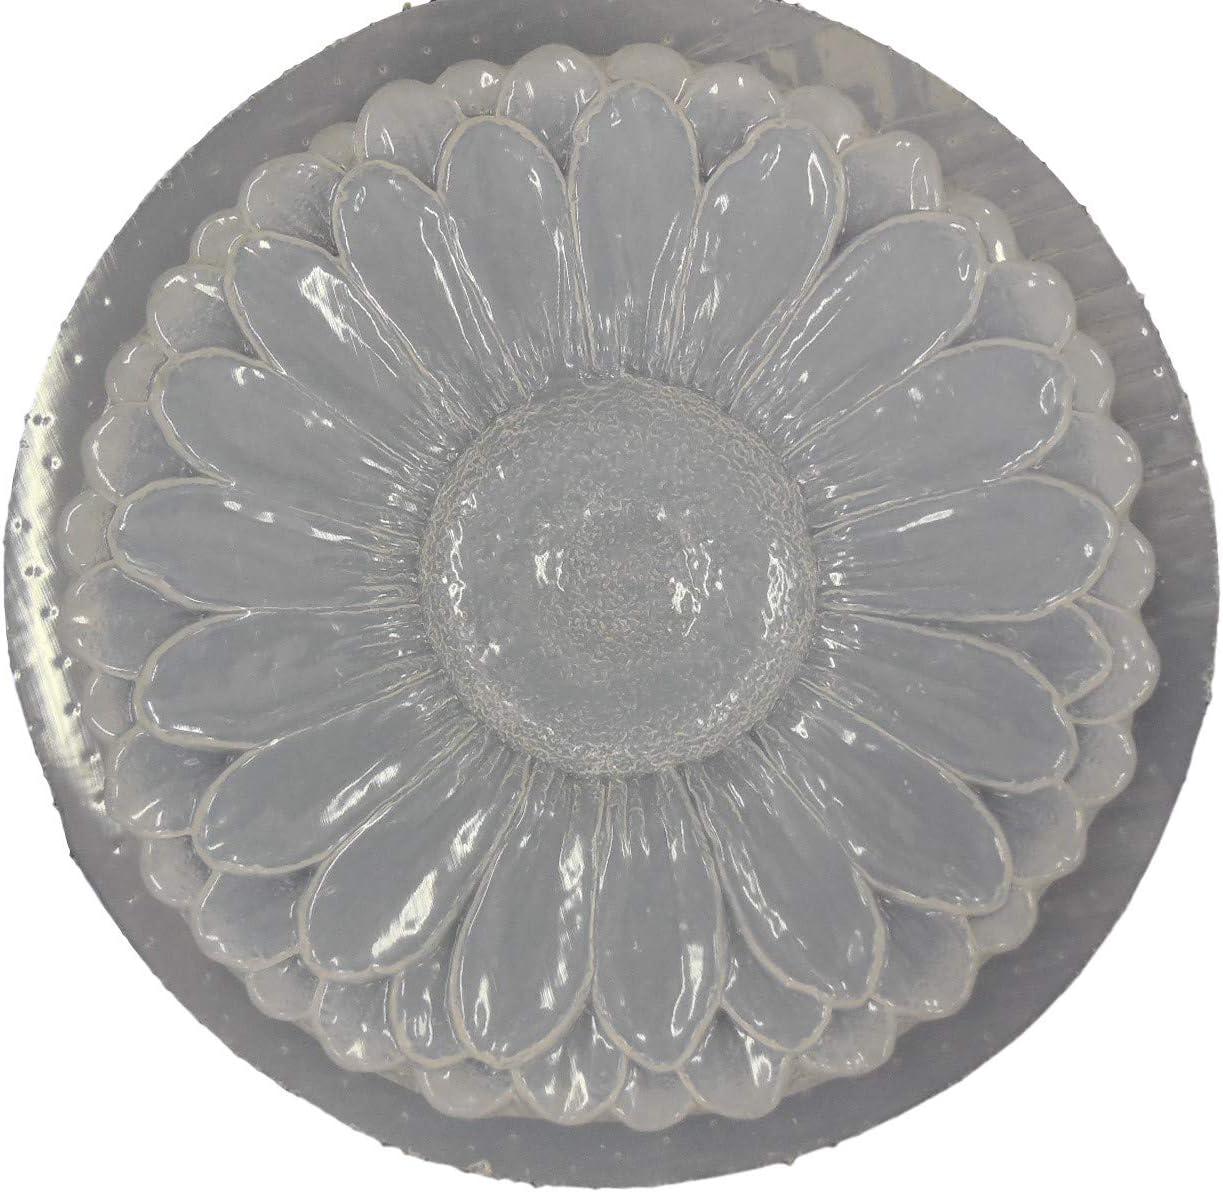 Sunflower Flower Stepping Stone 1144 Brand new Plaster Mold Popular standard Concrete